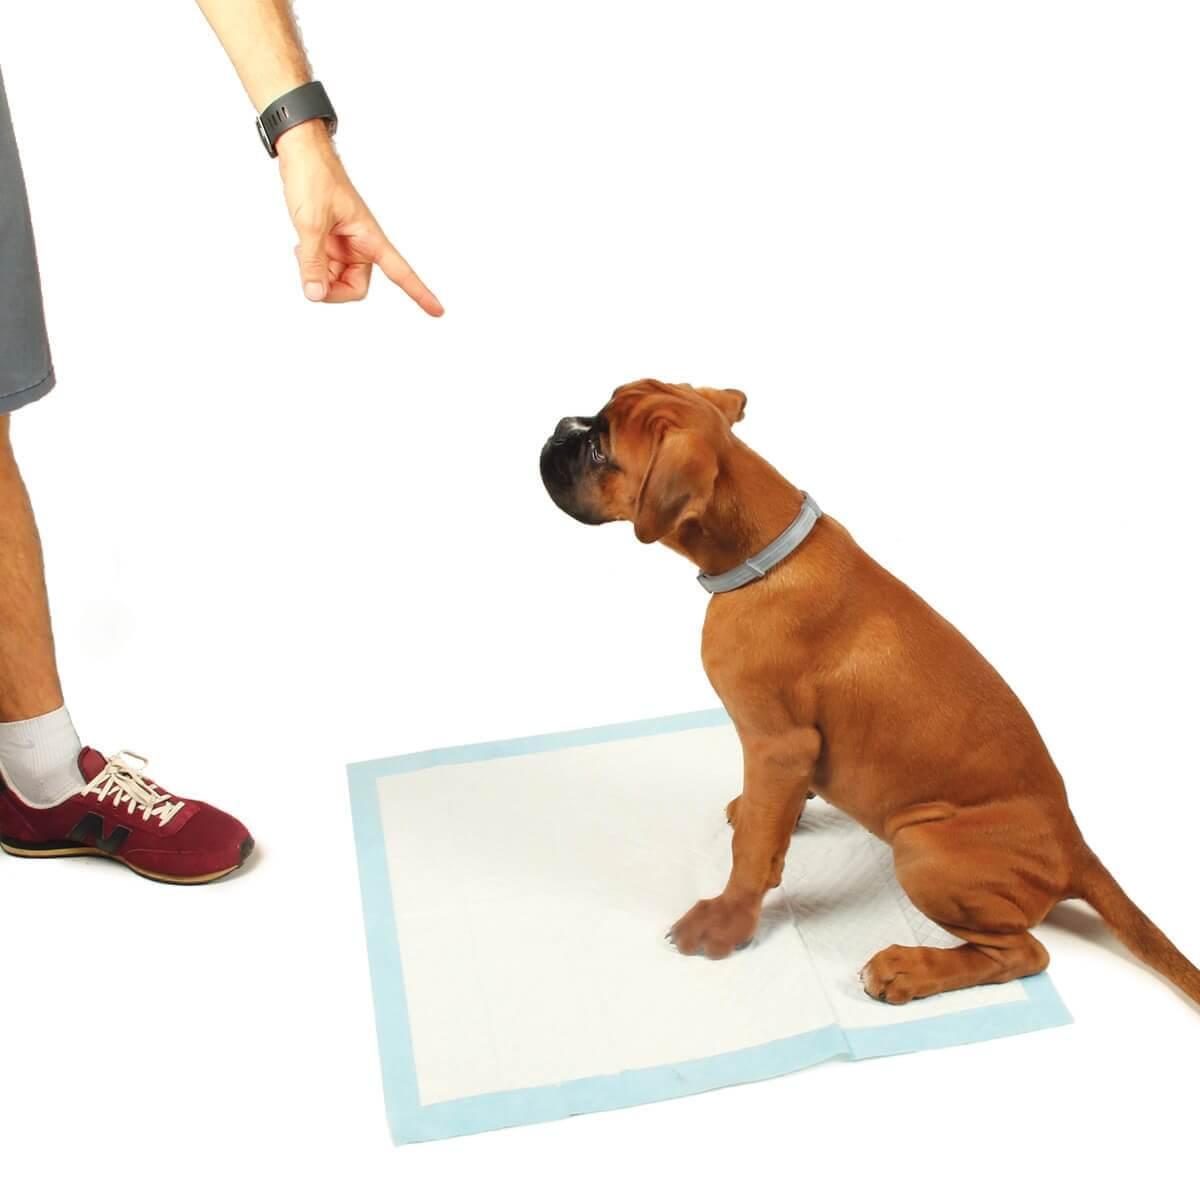 Tapis ducateur pup 39 pad grande absorption pour chien tapis ducateur - Tapis educateur proprete pour chien ...